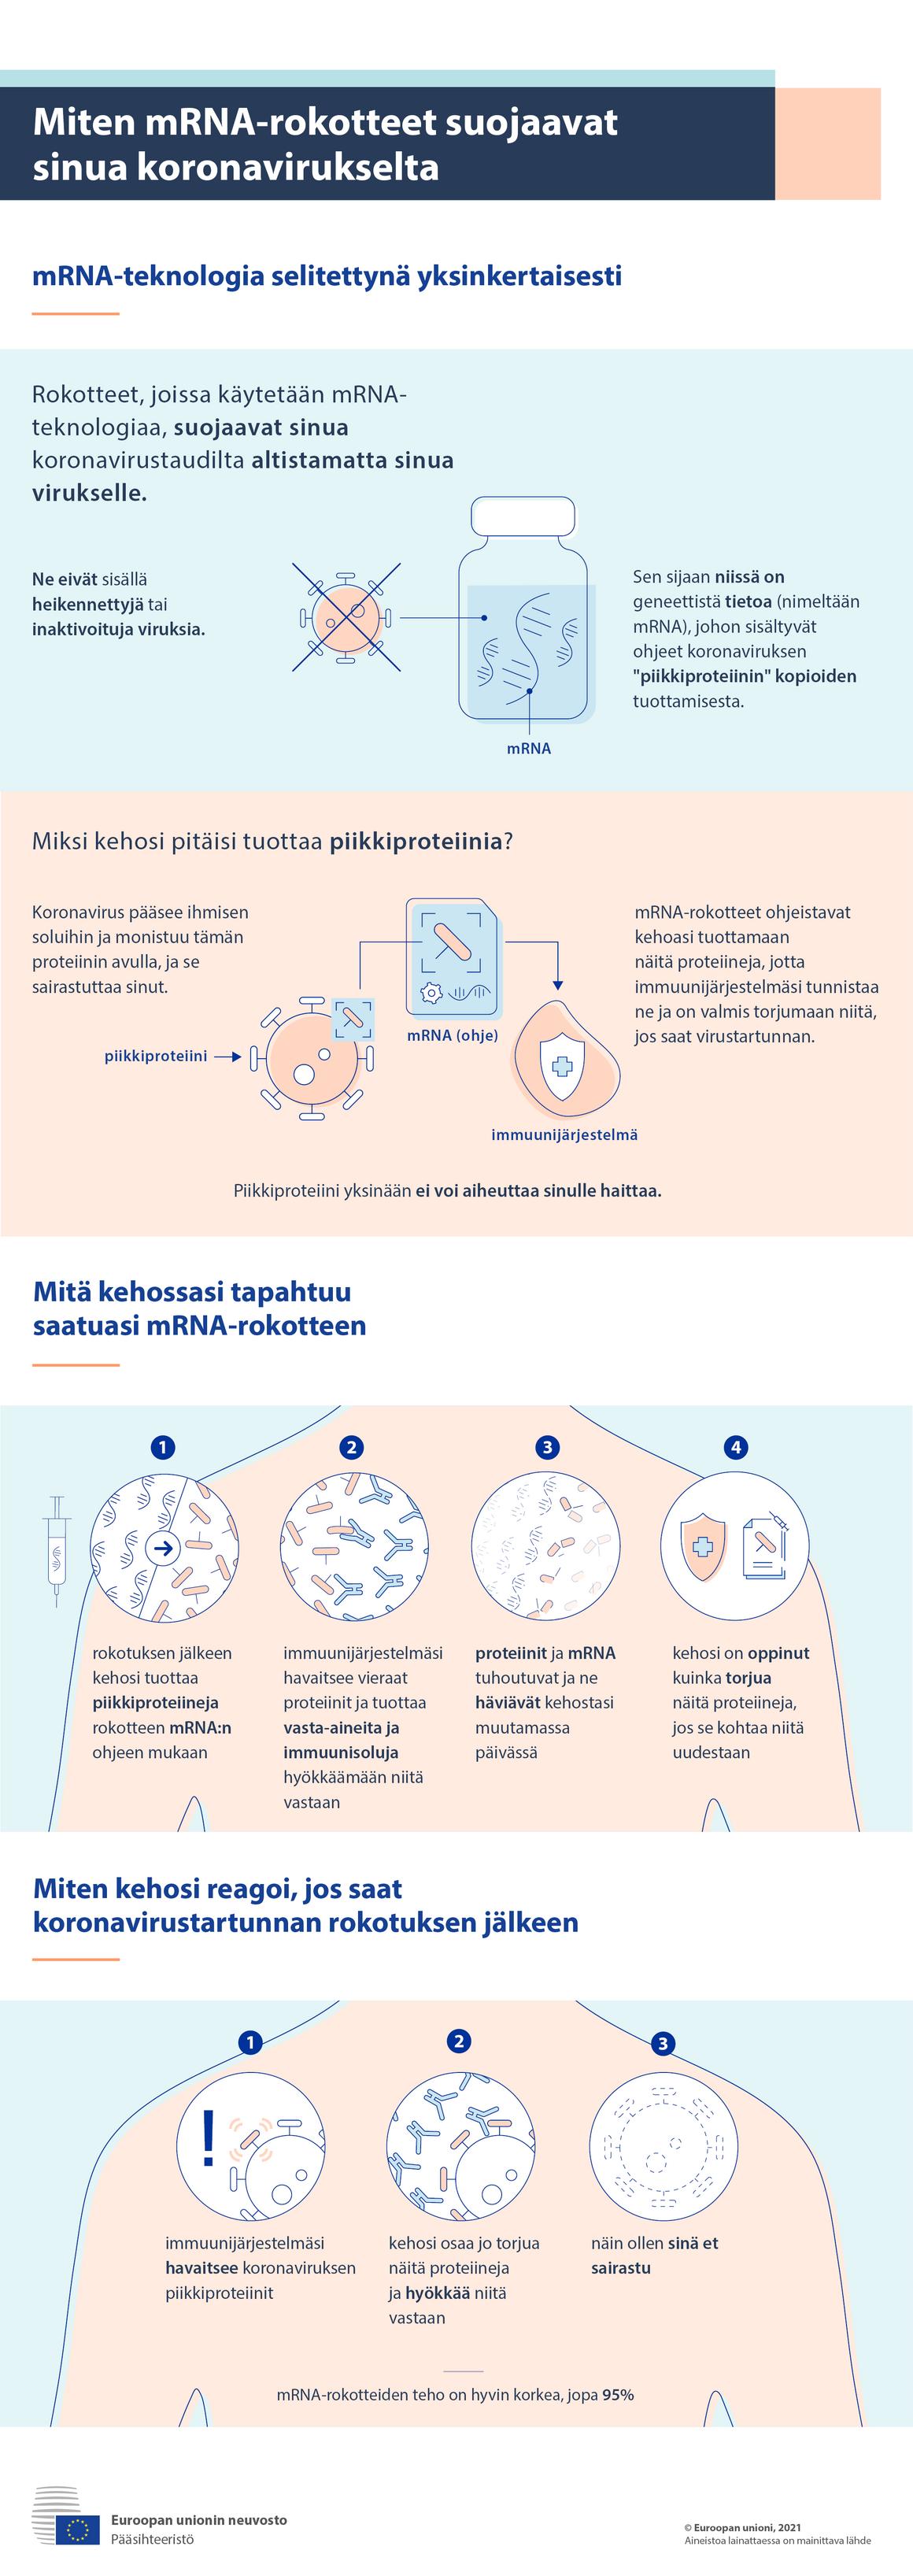 Infograafi: Näin mRNA-rokotteet suojaavat sinua koronavirukselta